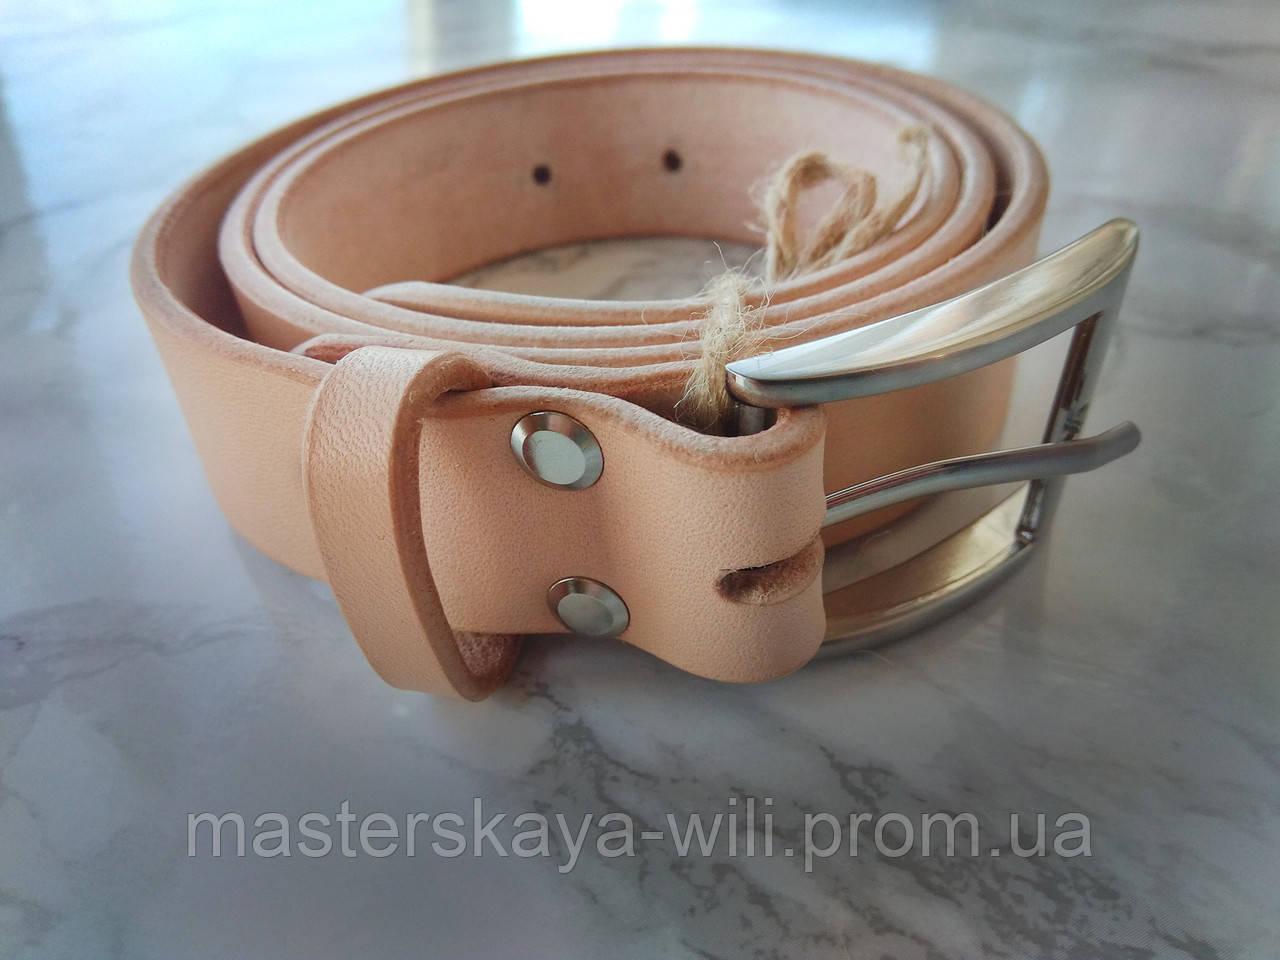 Кожаный ремень ручной работы, цвет телесный(30 см)